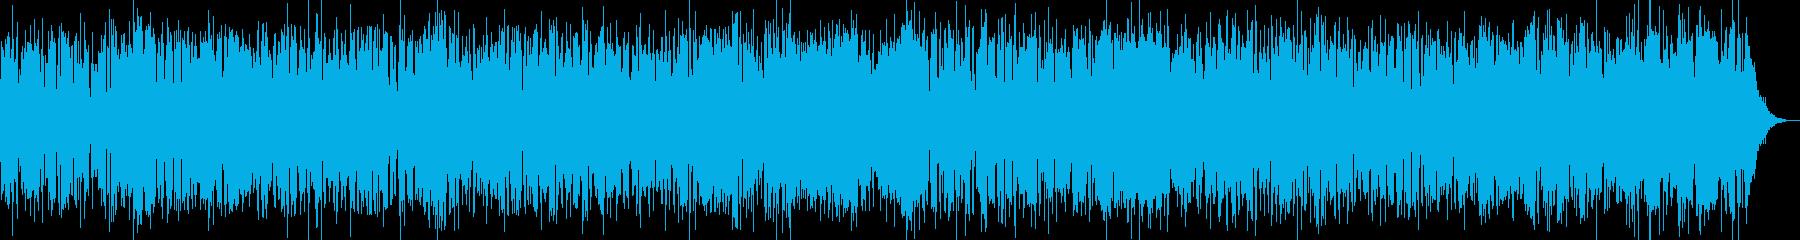 破れかぶれ感あるブルース、サックスソロの再生済みの波形